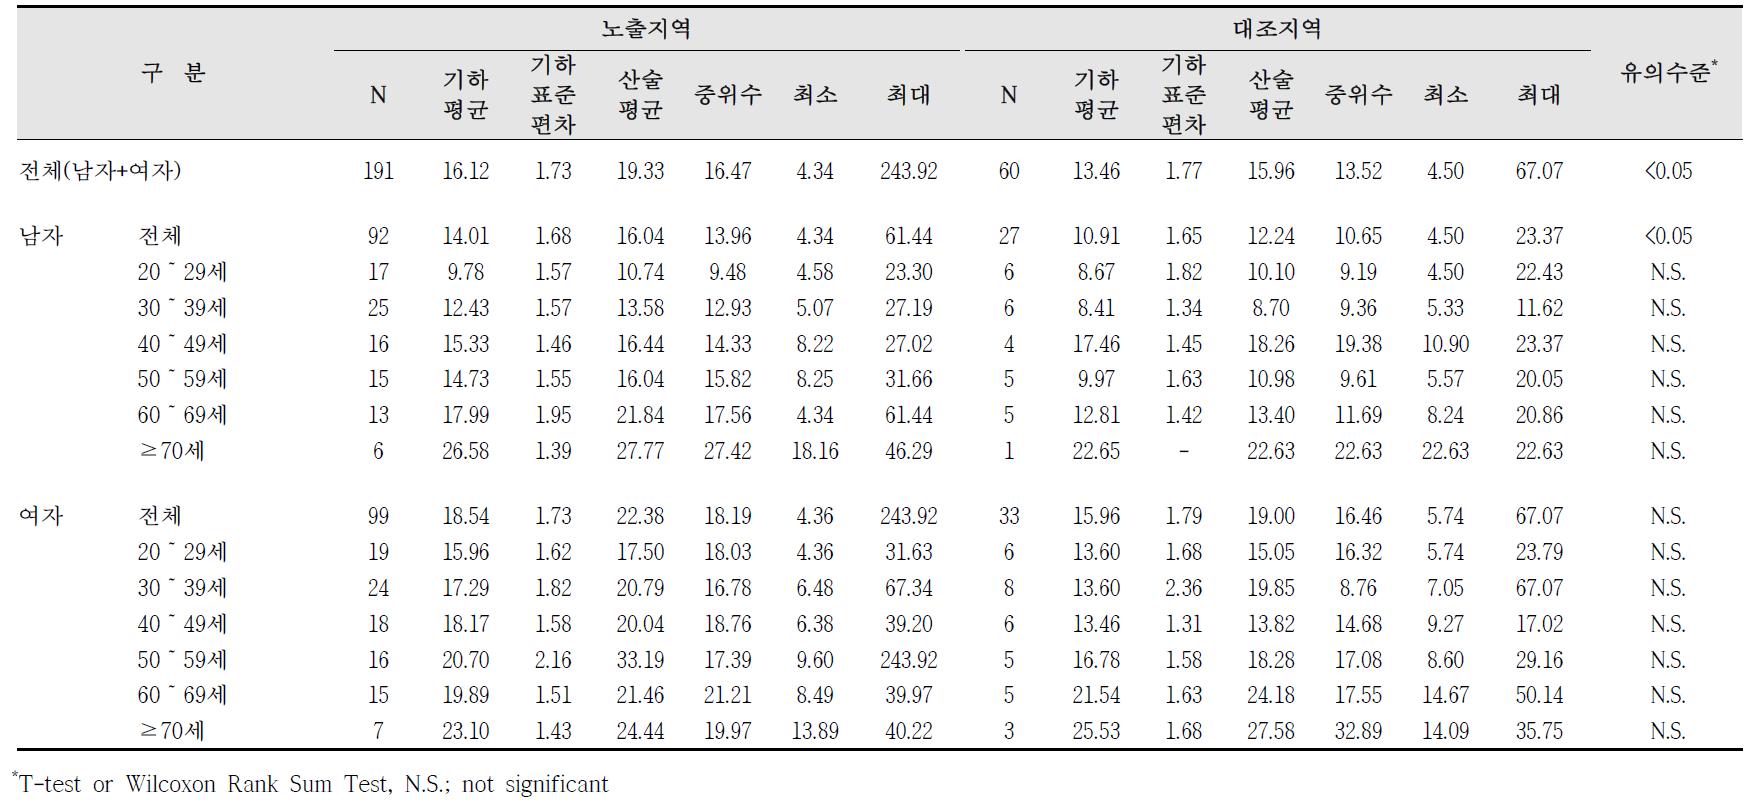 청주산업단지 요중 MEOHP 농도 비교